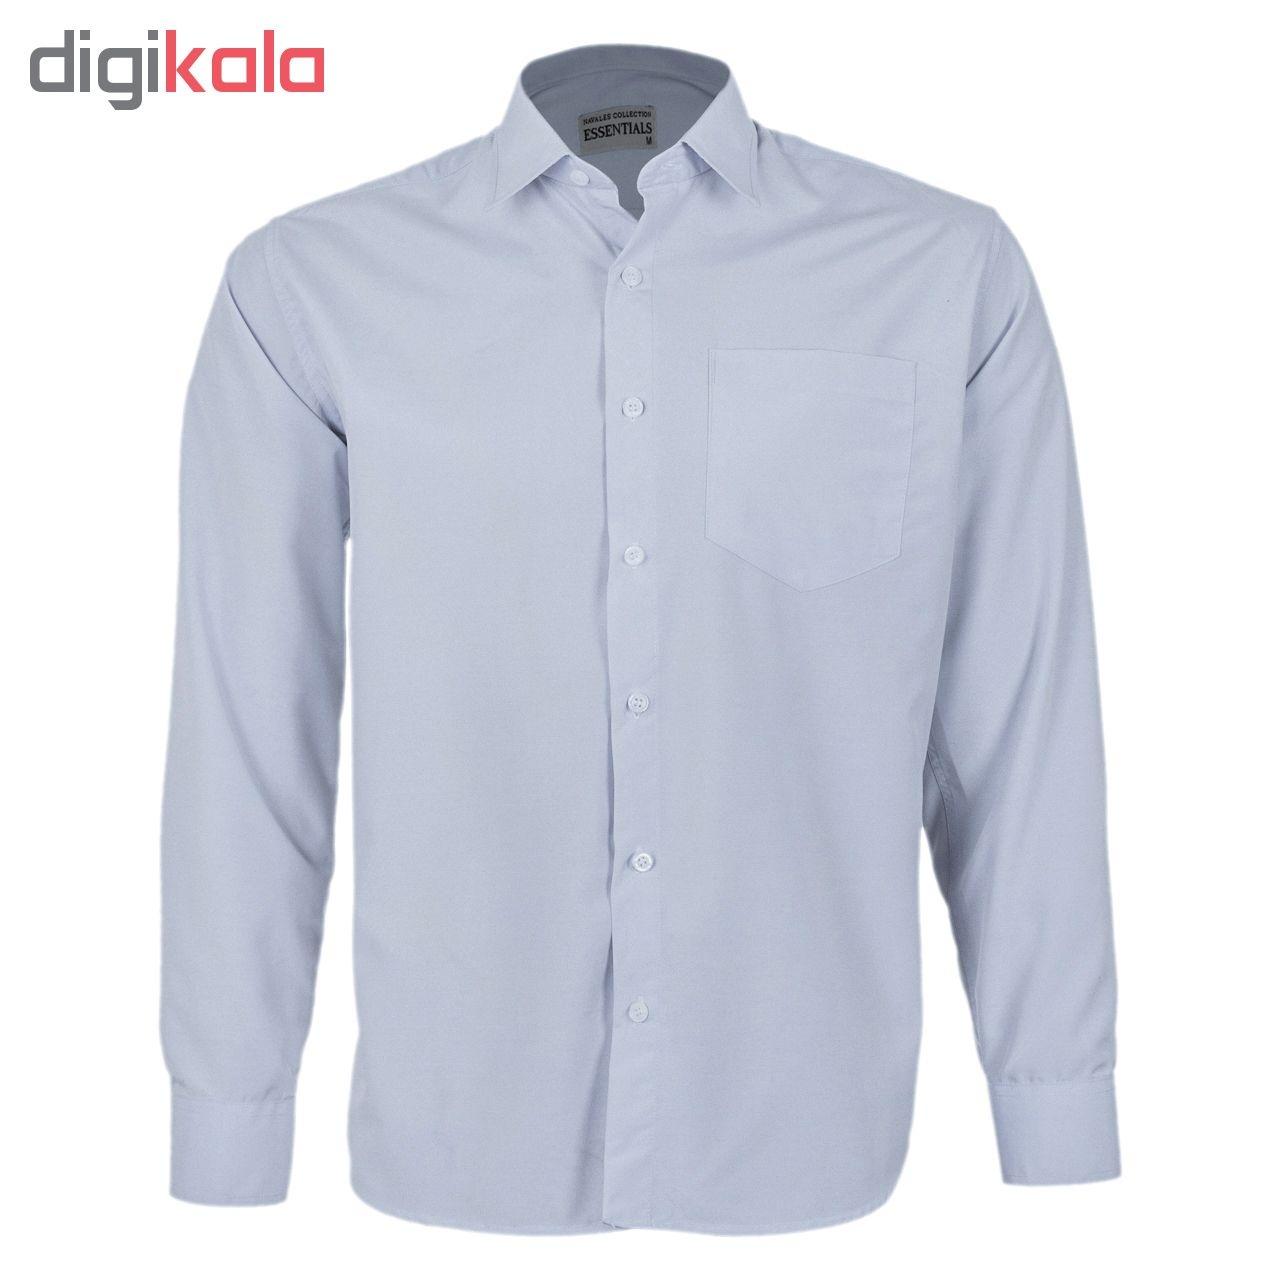 پیراهن مردانه ناوالس کد RegularFit-Tet-Lgy main 1 1